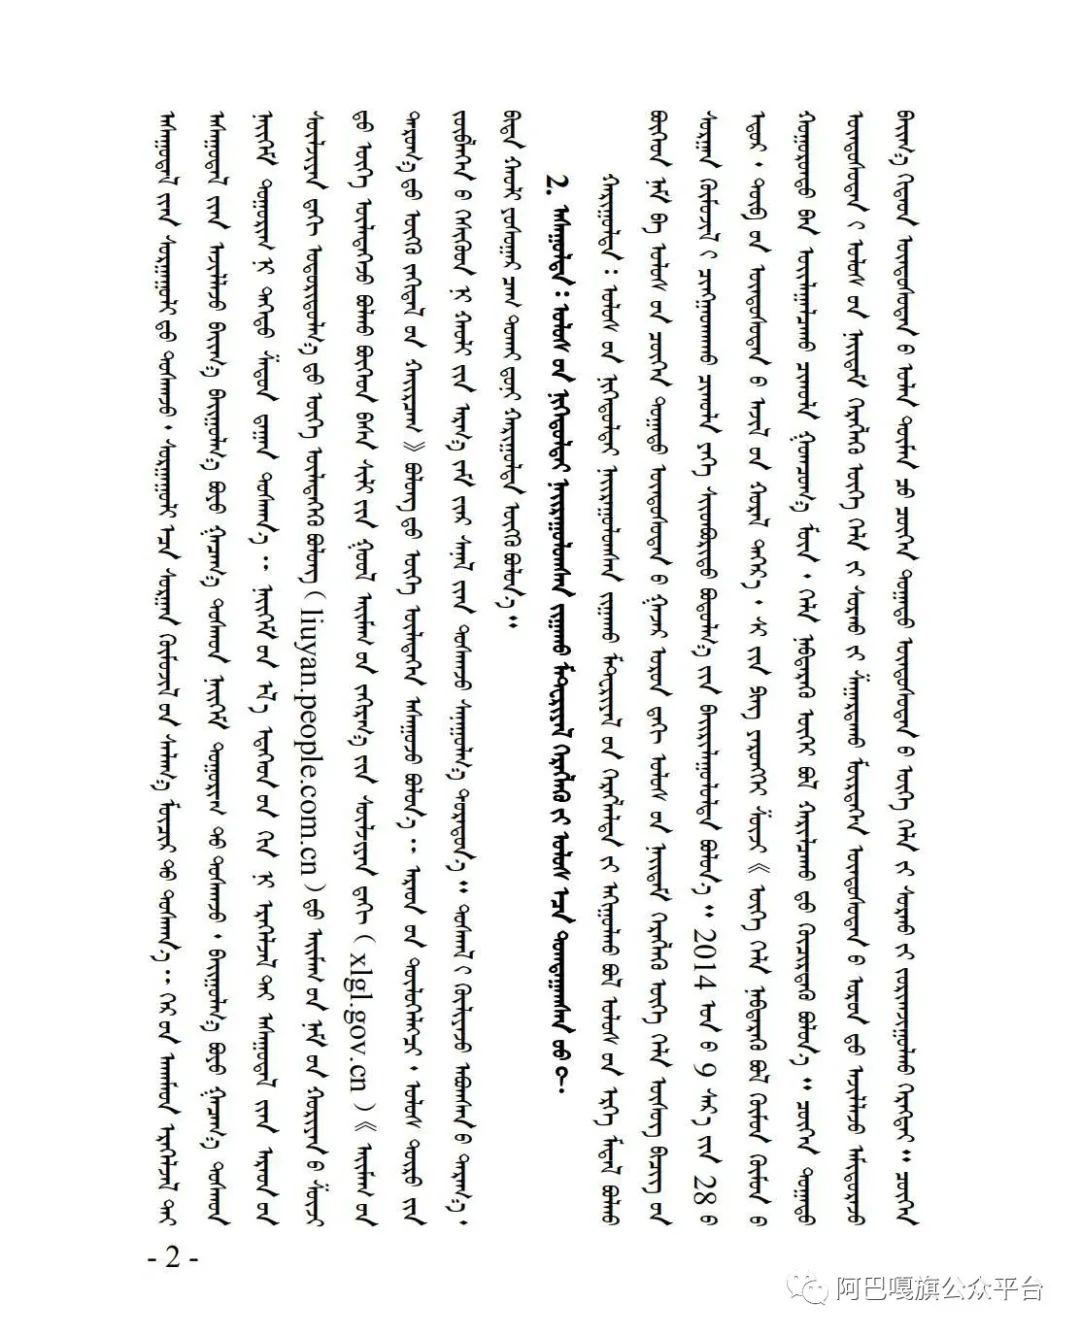 """锡林郭勒盟使用国家统编教材""""有问必答""""(第一期)(蒙汉文) 第2张 锡林郭勒盟使用国家统编教材""""有问必答""""(第一期)(蒙汉文) 蒙古文库"""